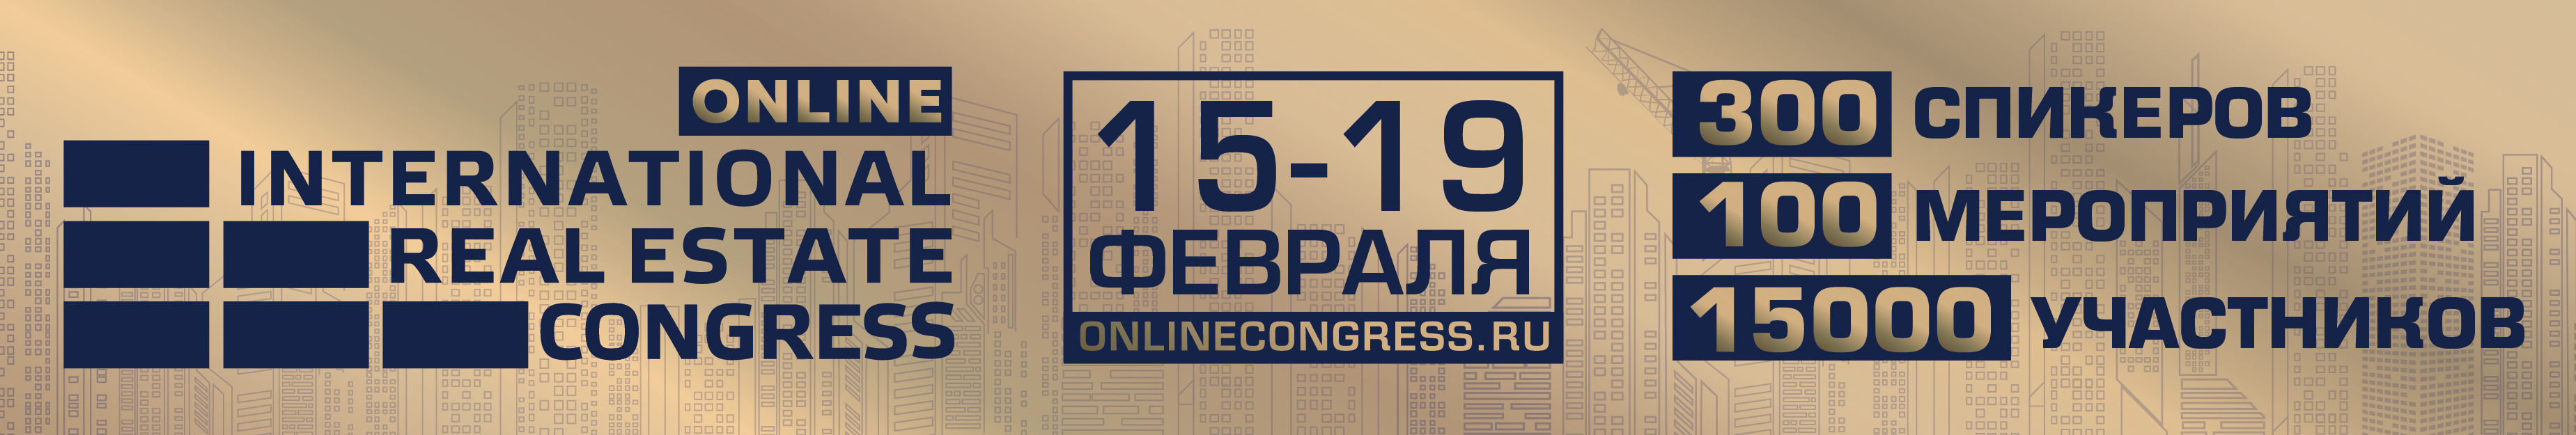 Оргкомитет ONLINE Международного жилищного конгресса